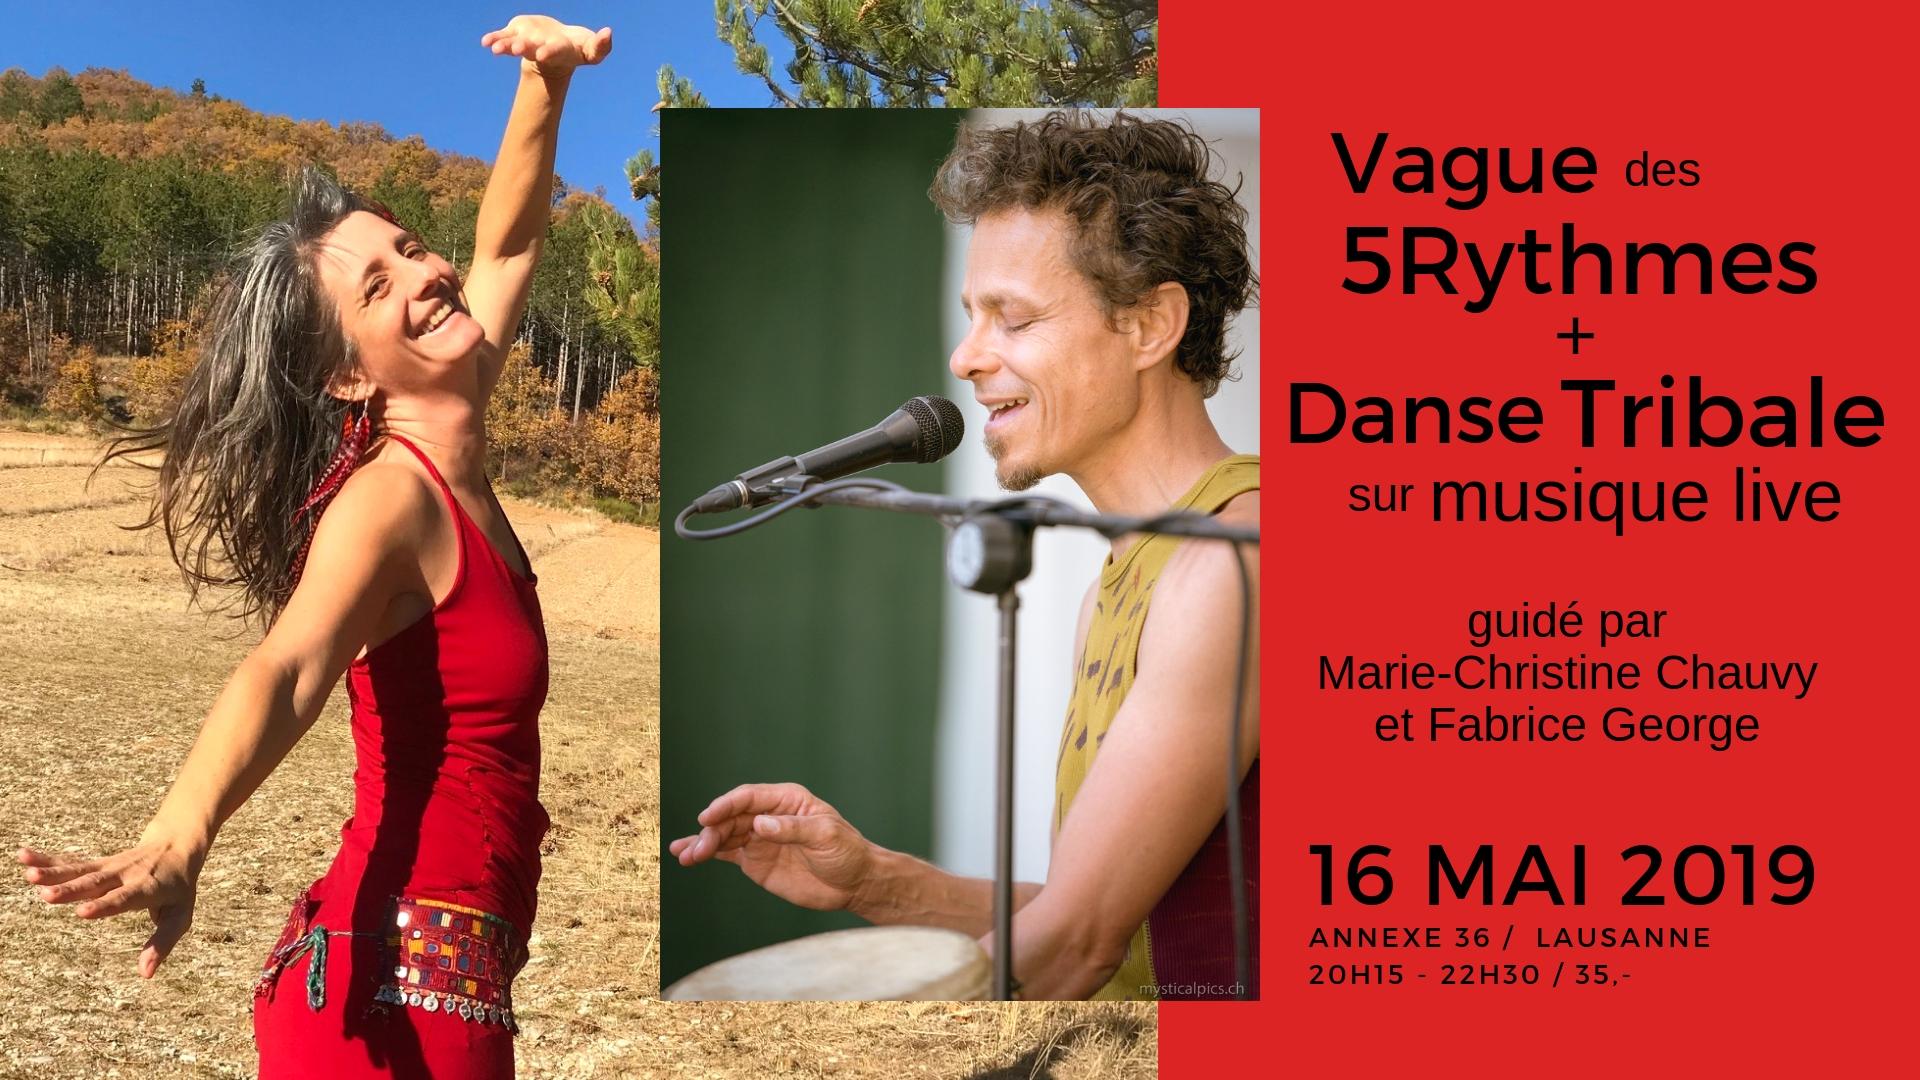 Vague 5Rythmes + Danse Tribale I Lausanne